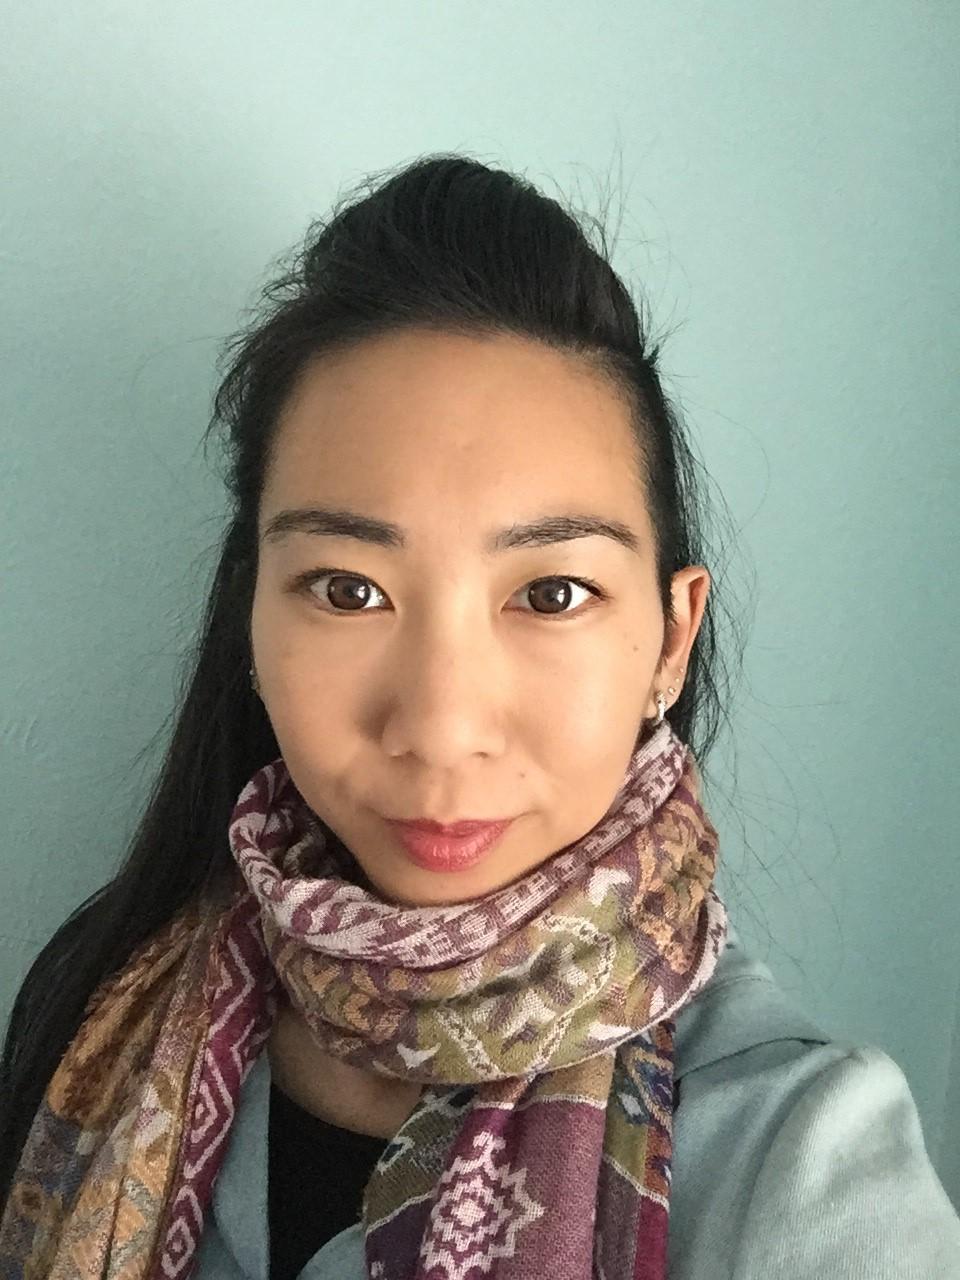 Annetta Tang